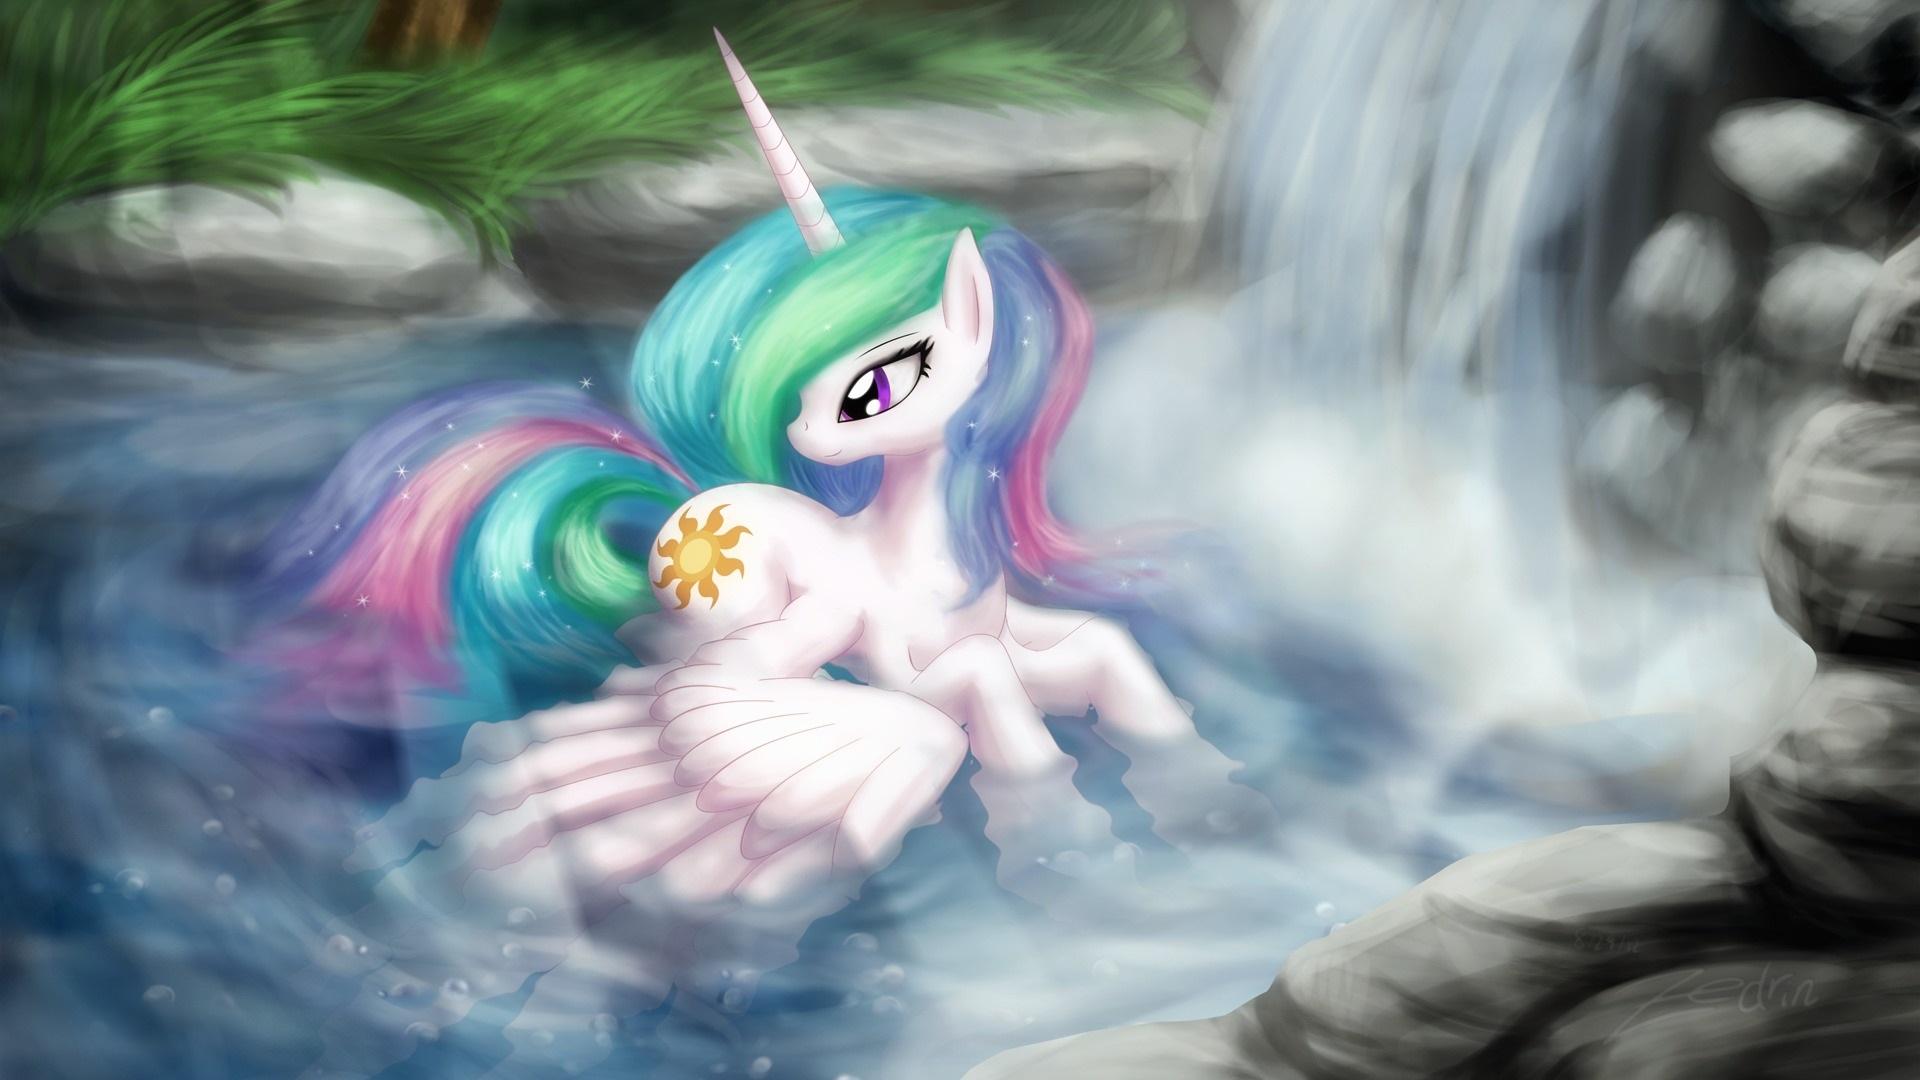 Wallpaper My Little Pony Cartoon Art Swimming Waterfall Wings